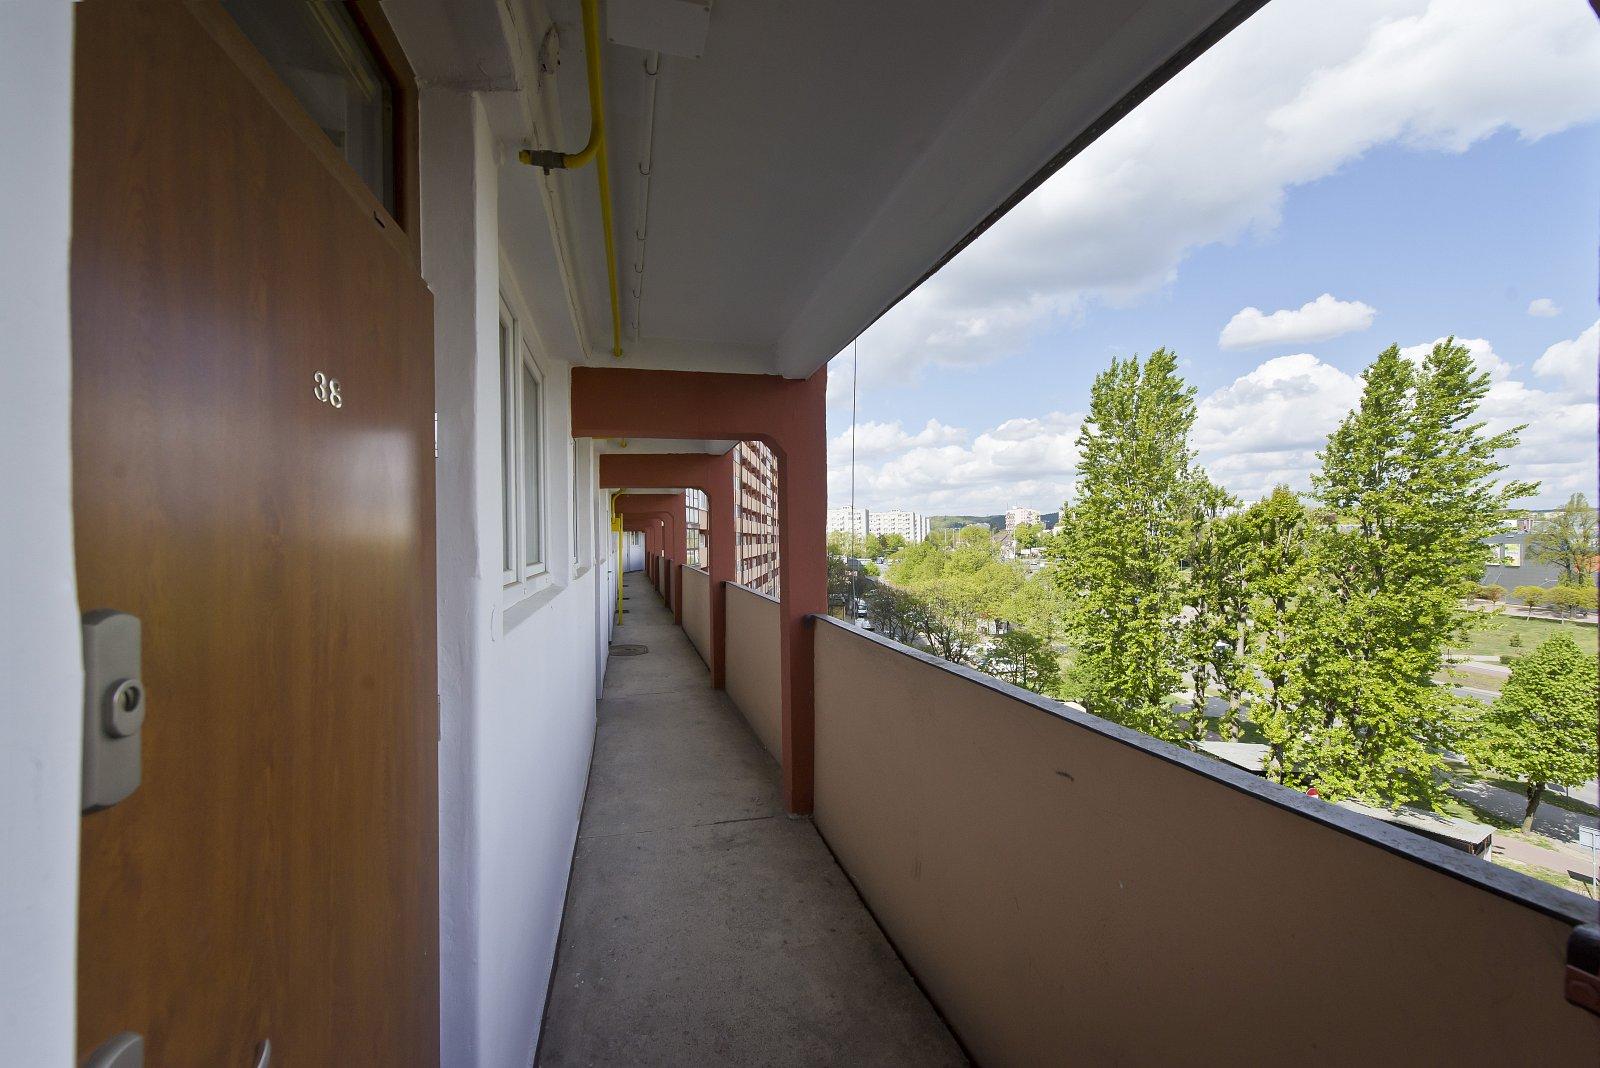 mieszkanie-wynajem-gdansk-ow4-05-02web